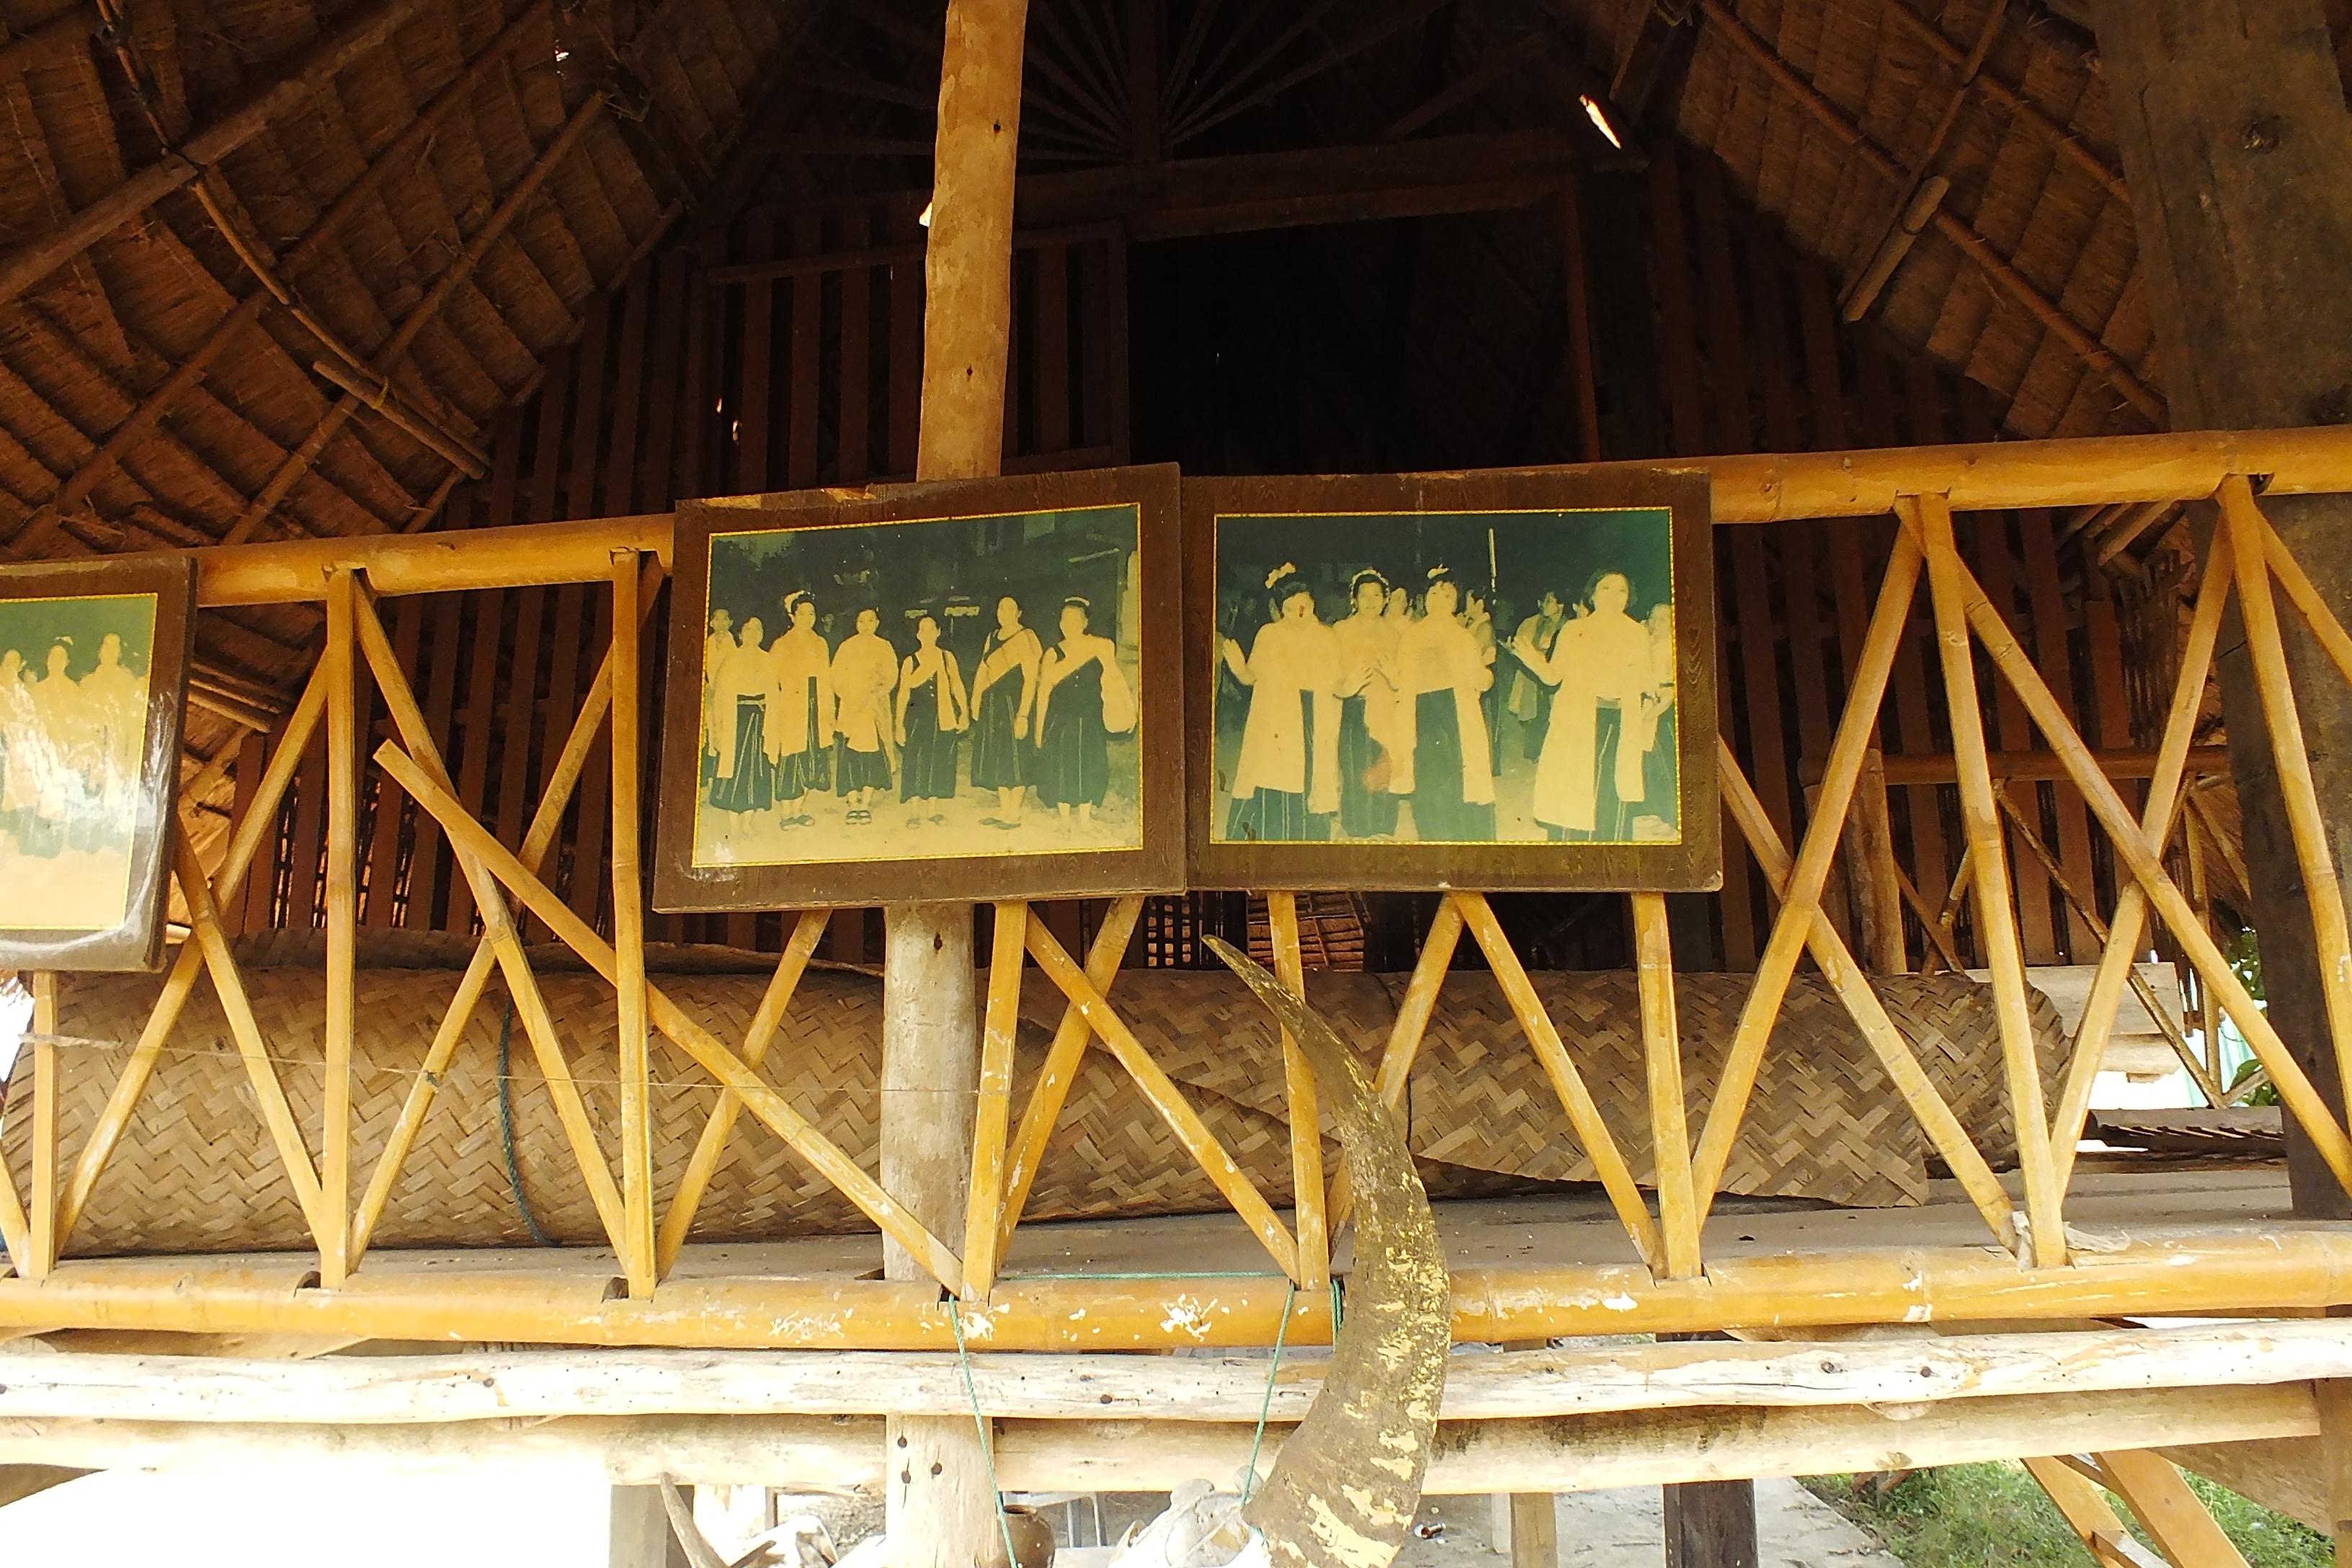 ศูนย์วัฒนธรรมไทยทรงดำ วัดดอนอภัย อำเภอบางระกำ จังหวัดพิษณุโลก